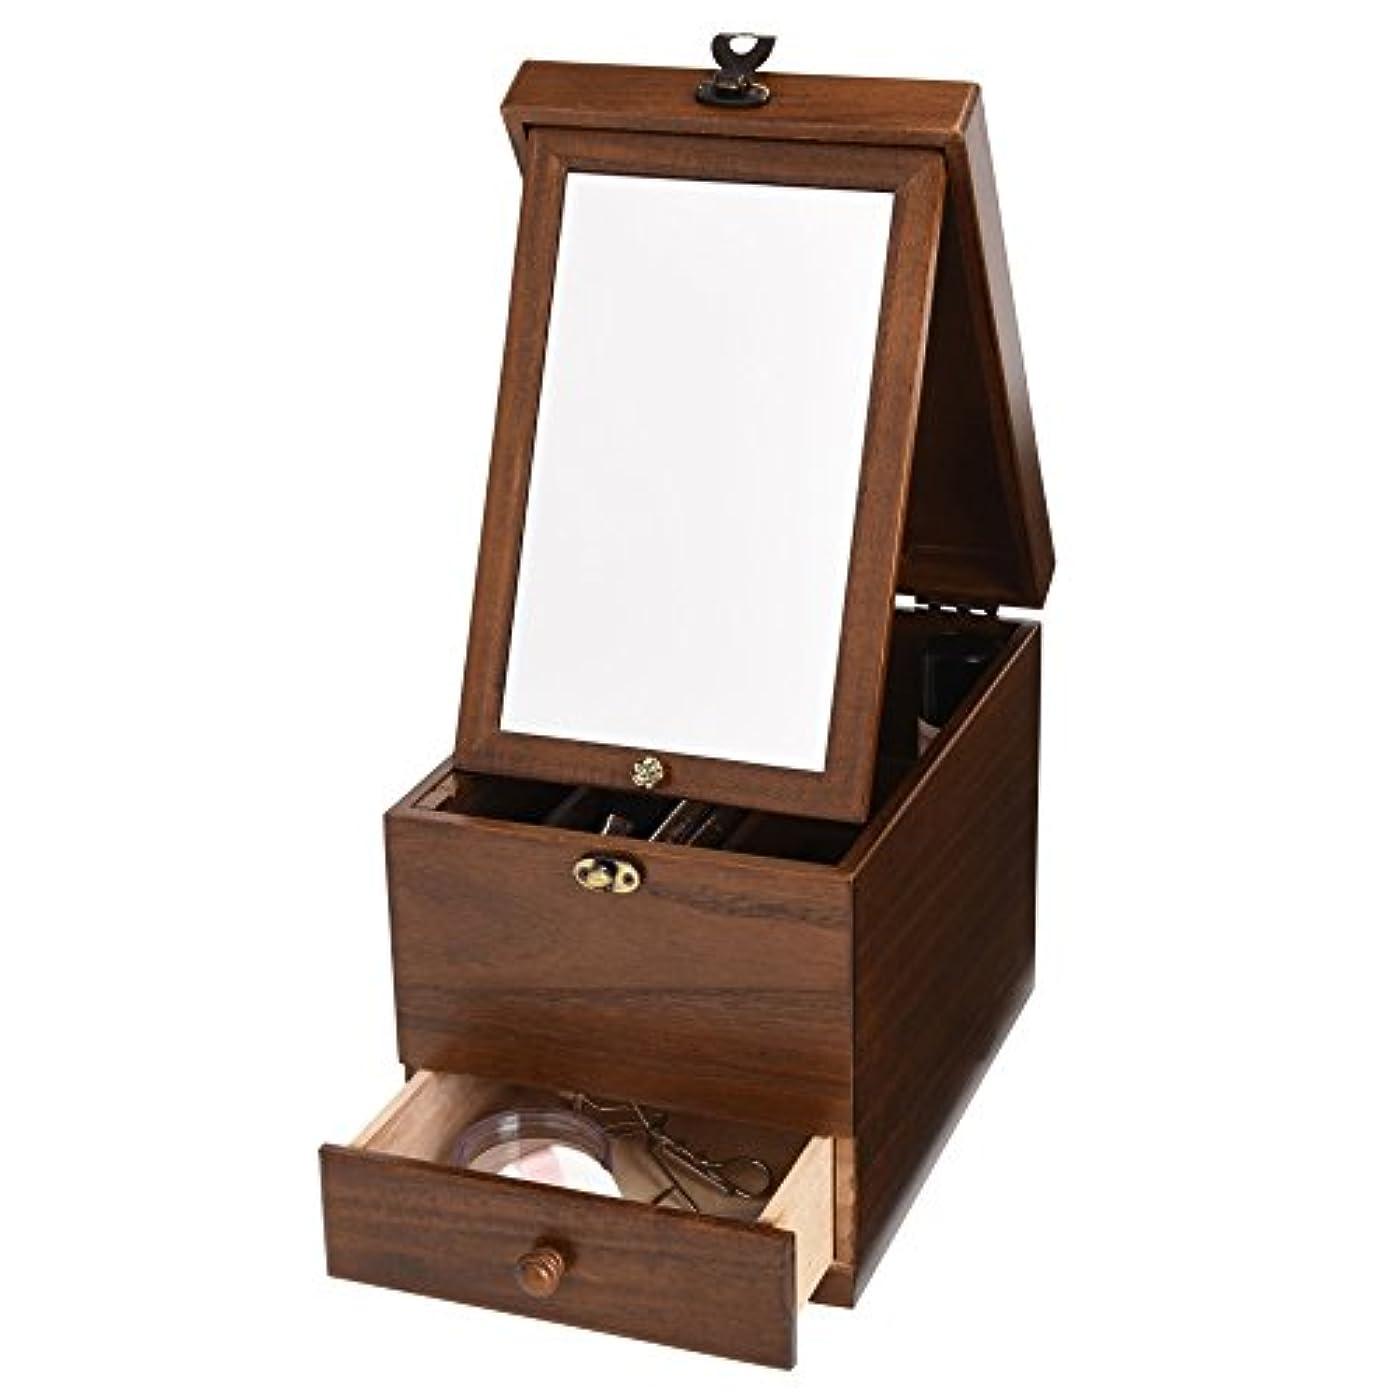 同情的ミスペンド学士木製コスメボックス 引き出し 鏡付き 収納 メイクボックス 化粧ボックス 日本製